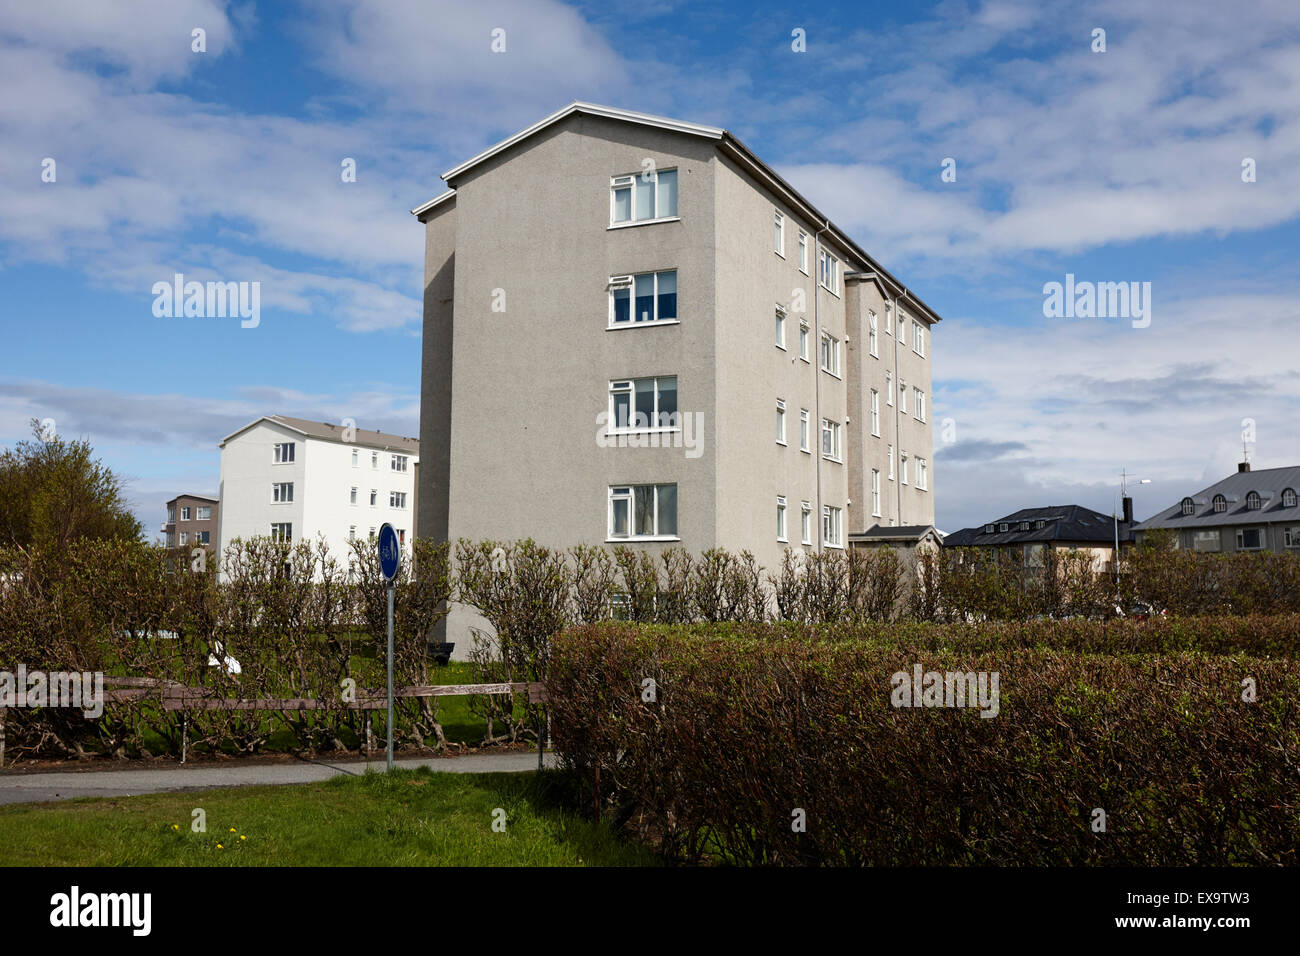 Moderne Wohnhäuser moderne wohnhäuser am stadtrand reykjavik island stockfoto bild